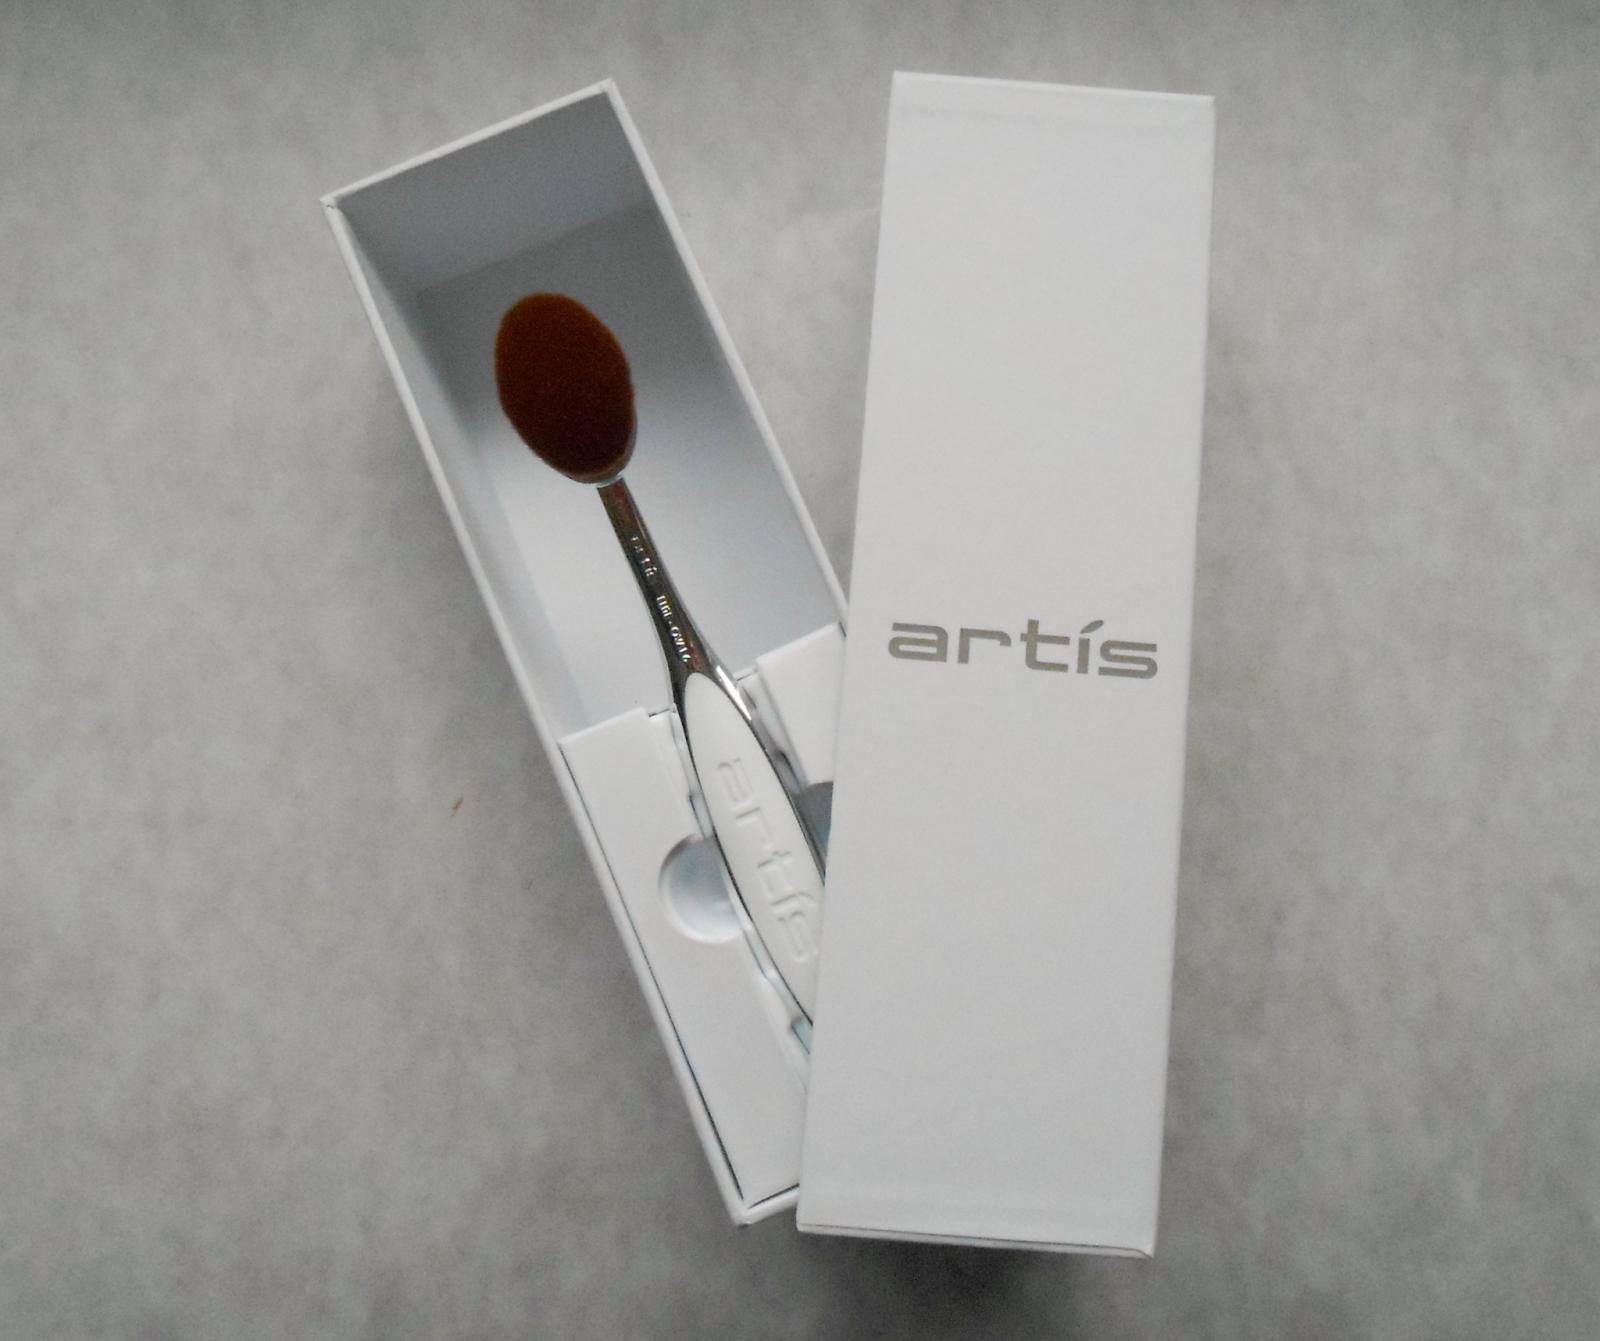 Artis Brush Review